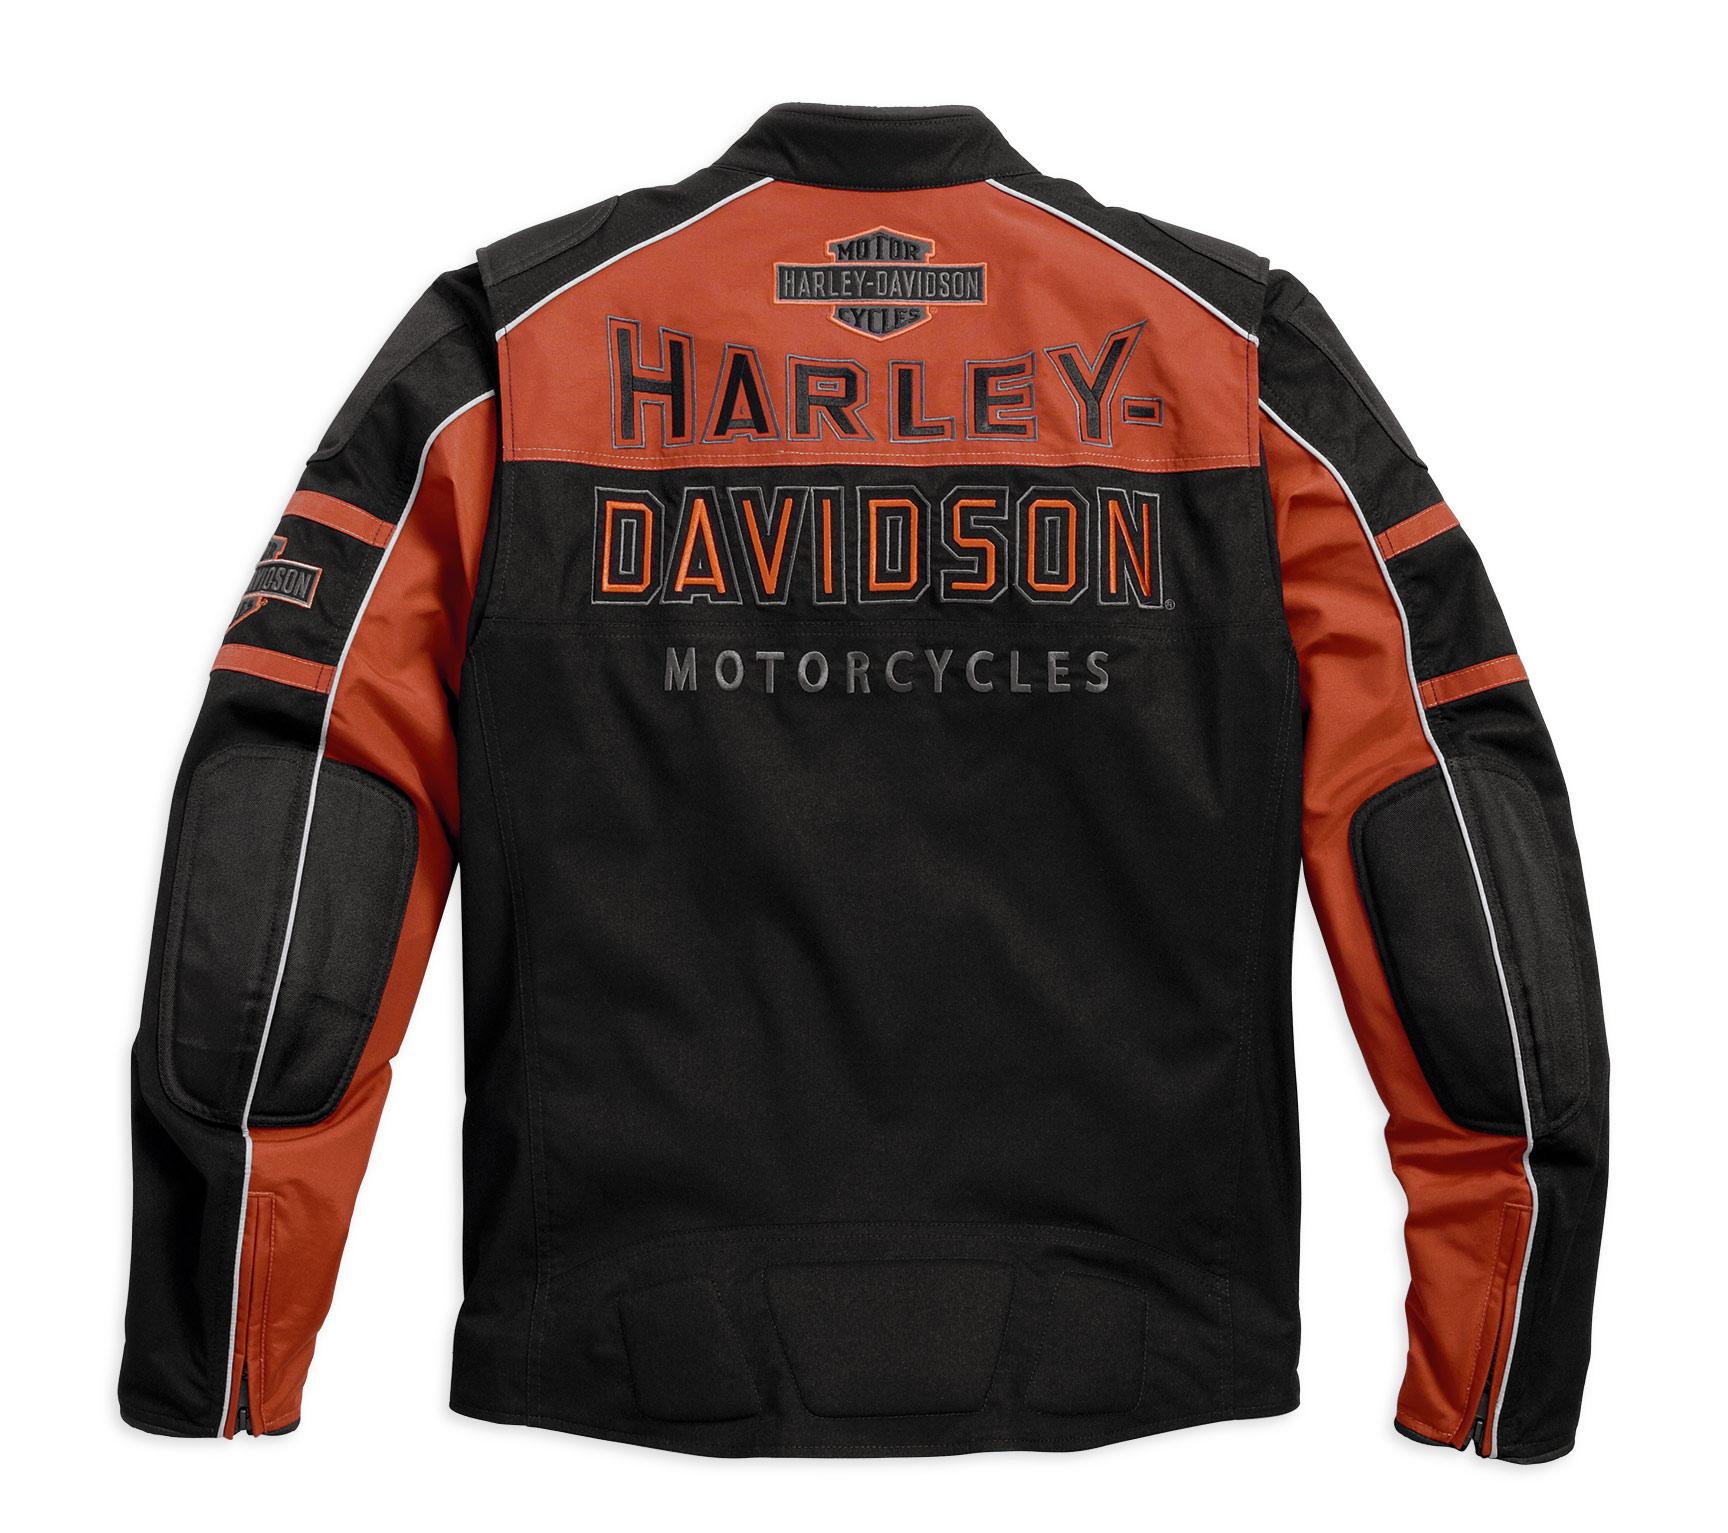 98112 16vm harley davidson jacke gastone riding im. Black Bedroom Furniture Sets. Home Design Ideas